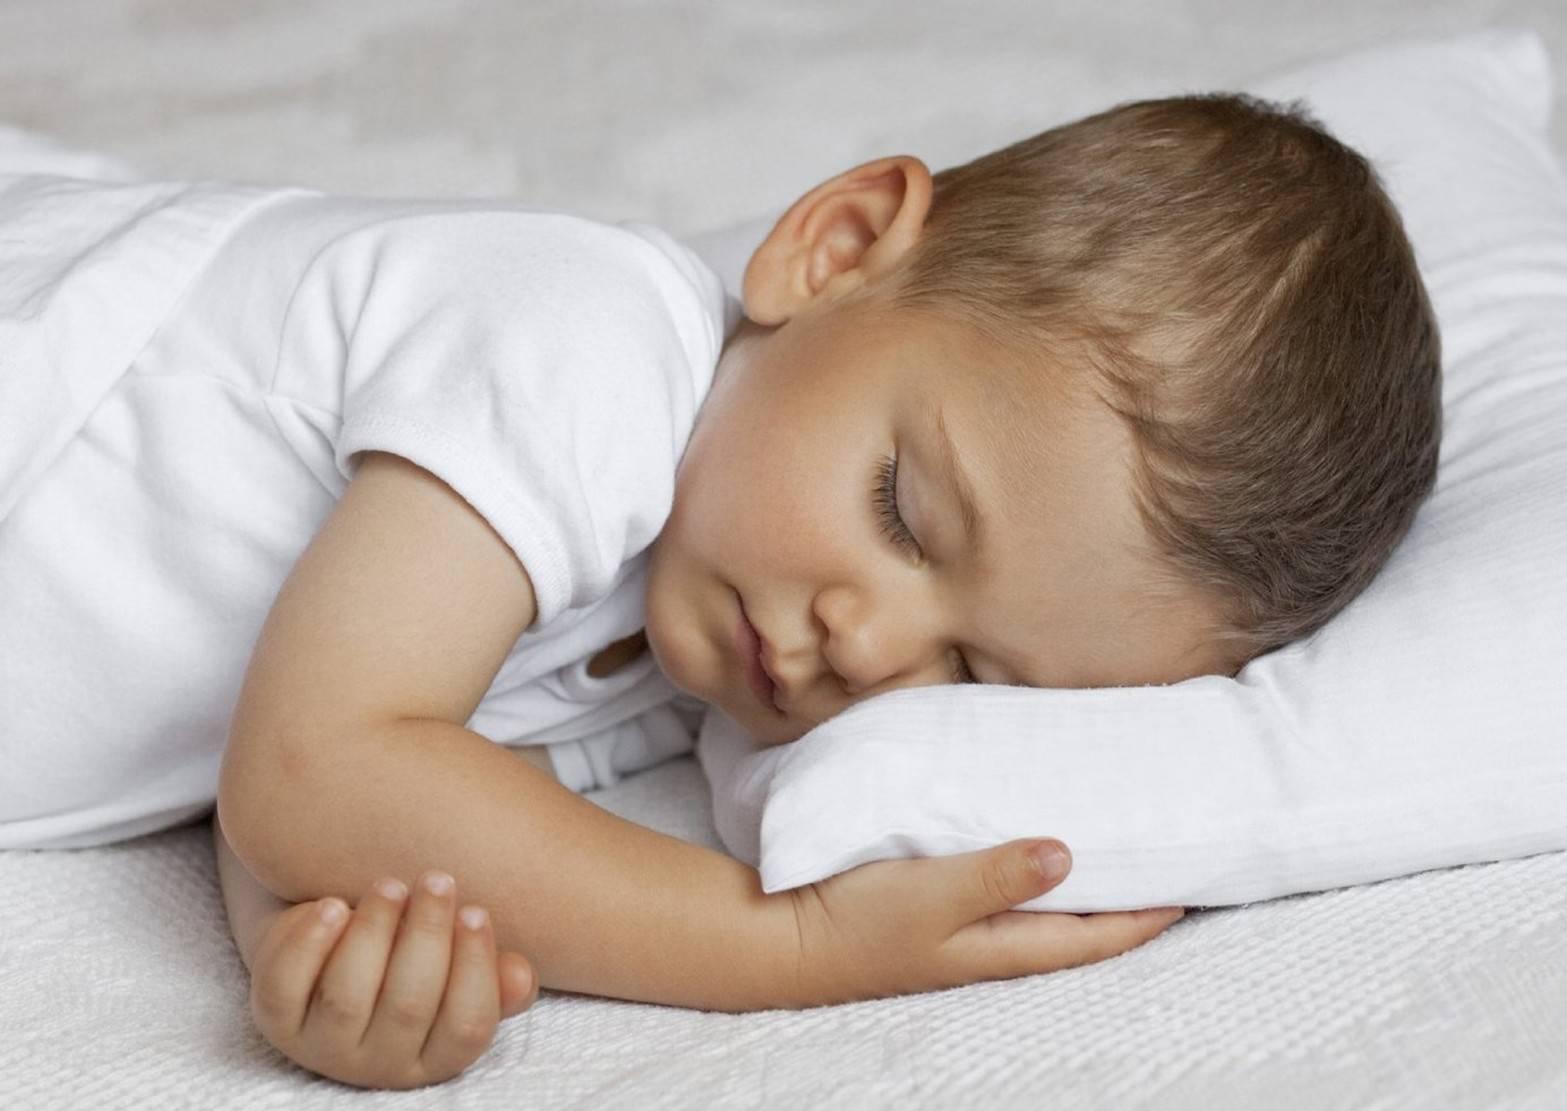 Почему ребенок скрипит зубами во сне или днем (причины и помощь)